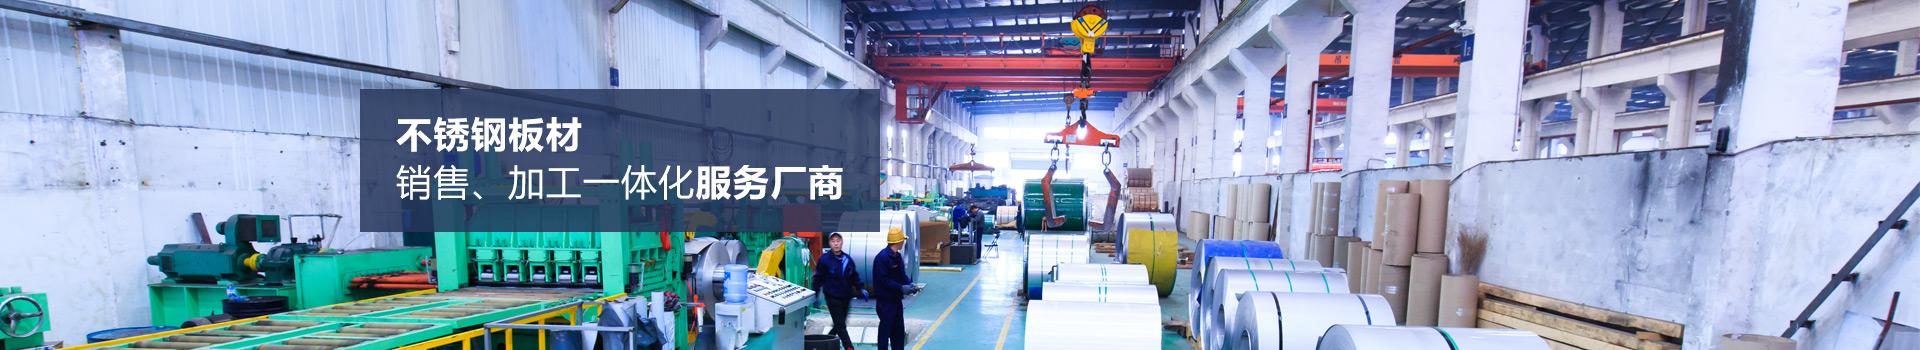 海润钢铁-不锈钢板材销售、加工一体化服务厂商